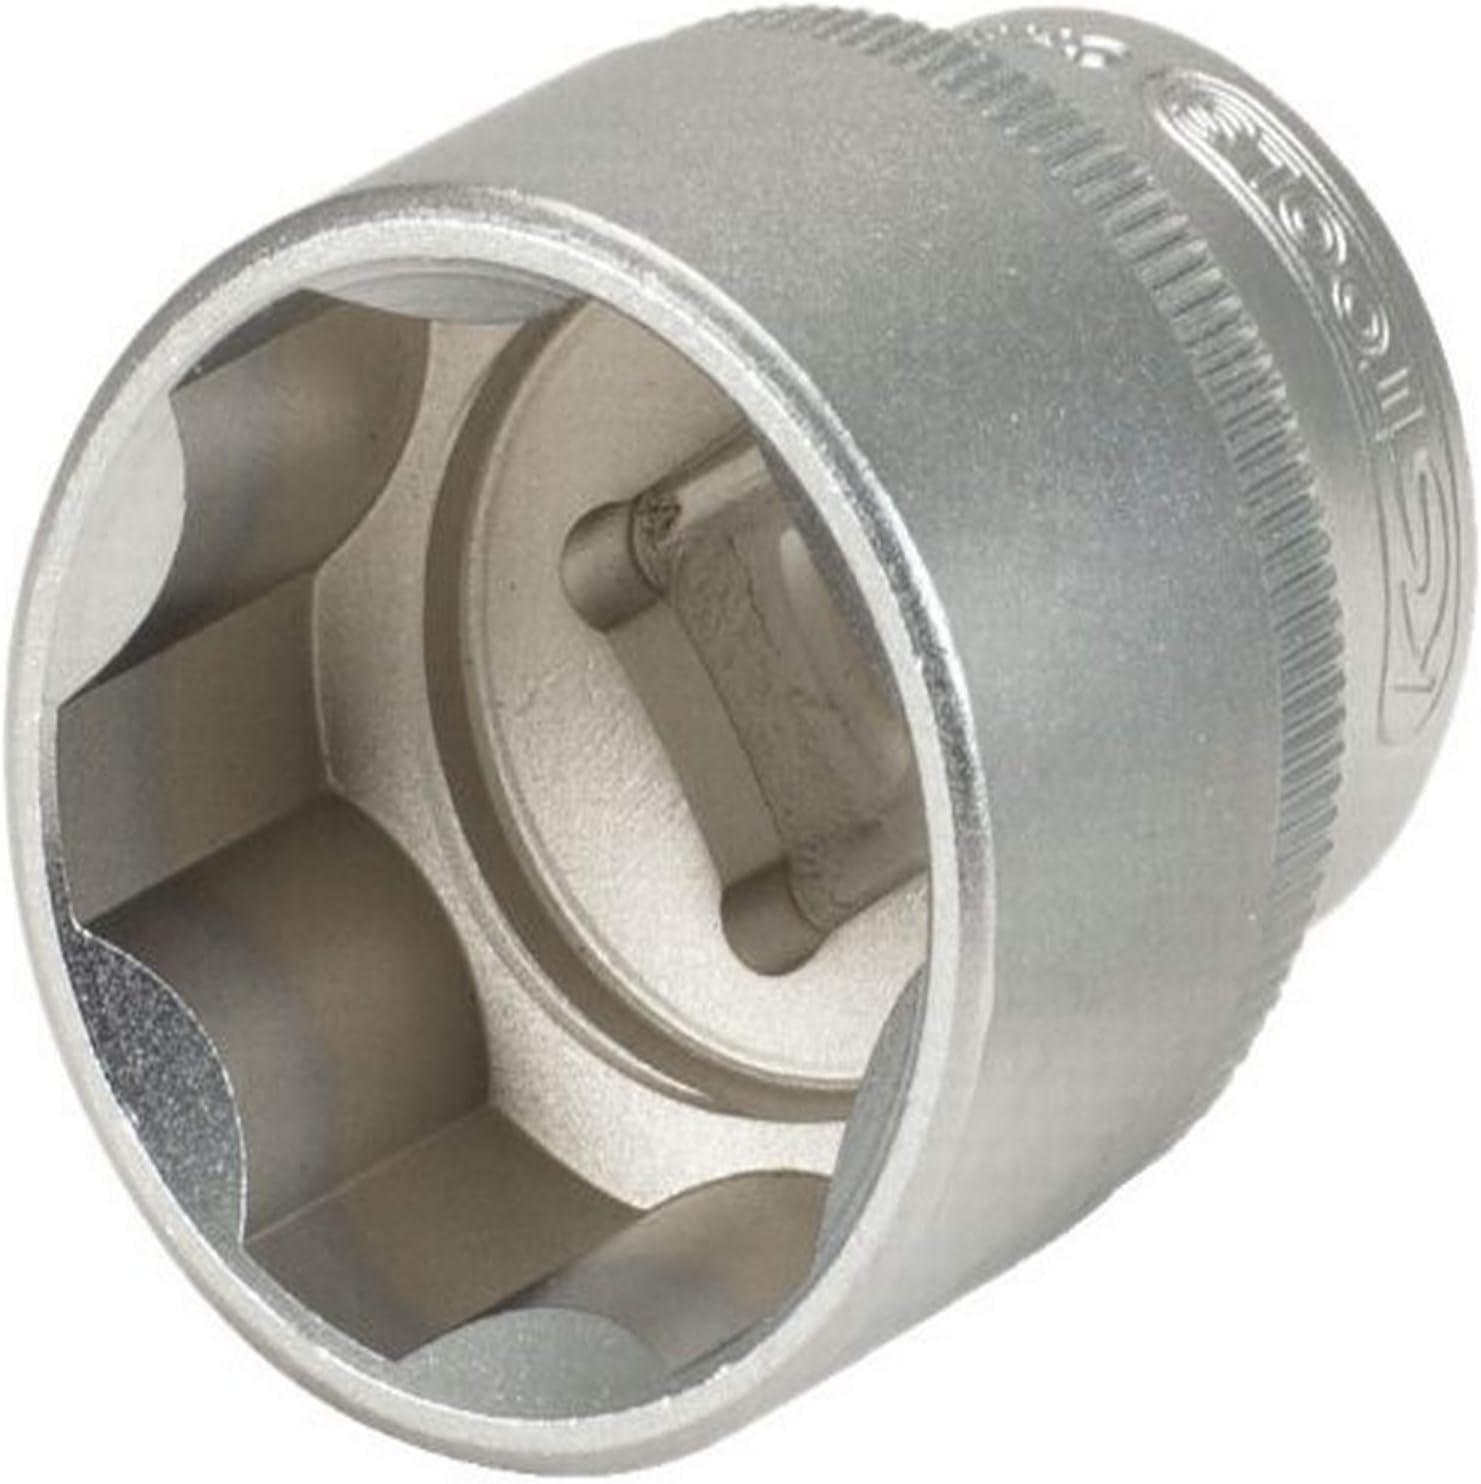 KS Tools F6 Cabezal para destornillador